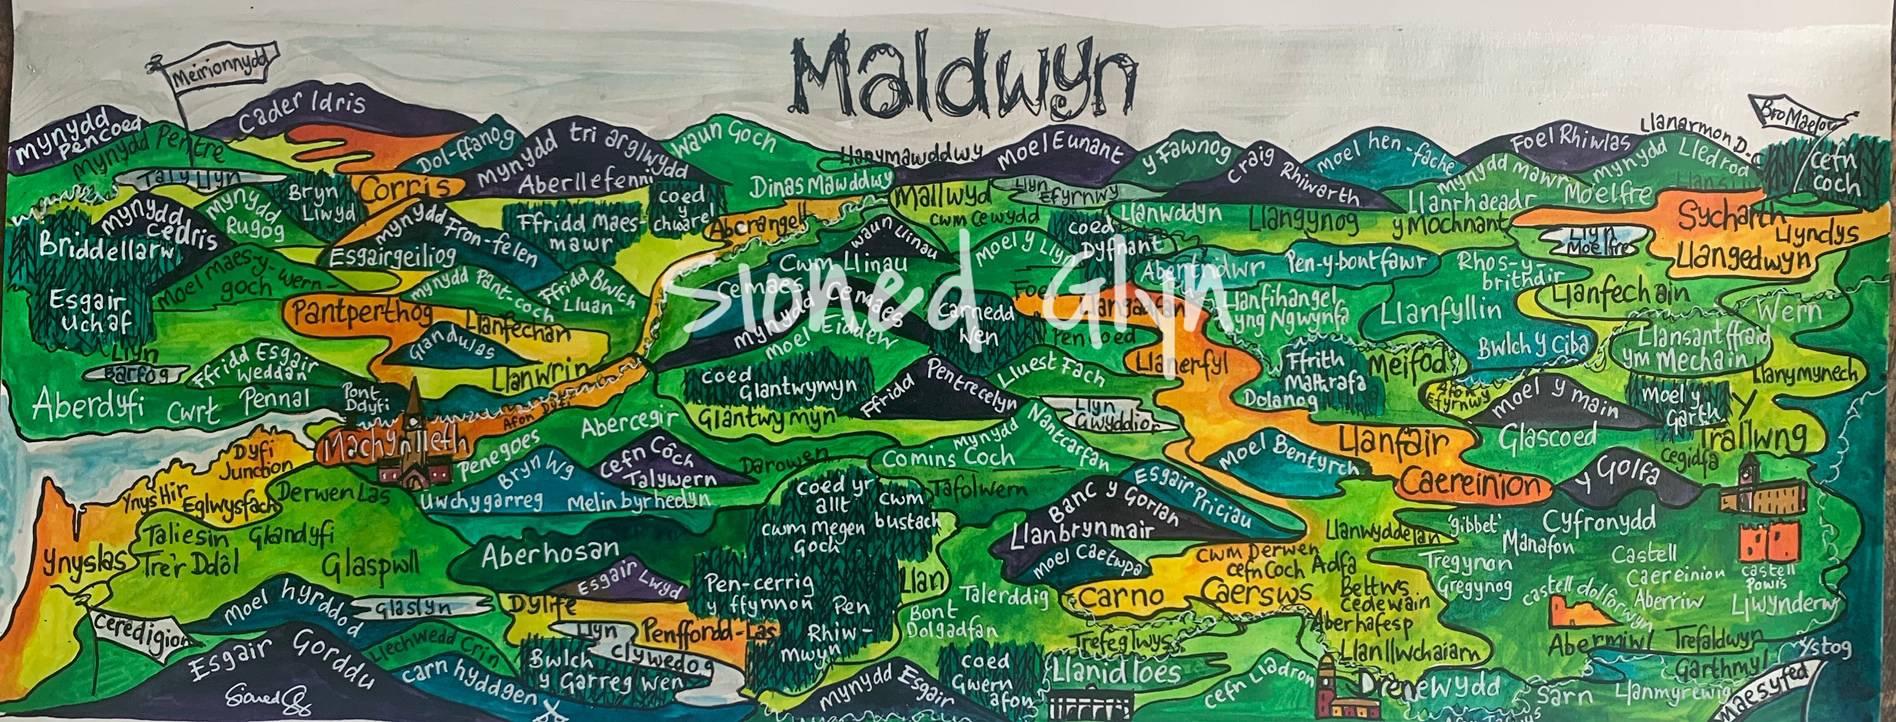 Maldwyn